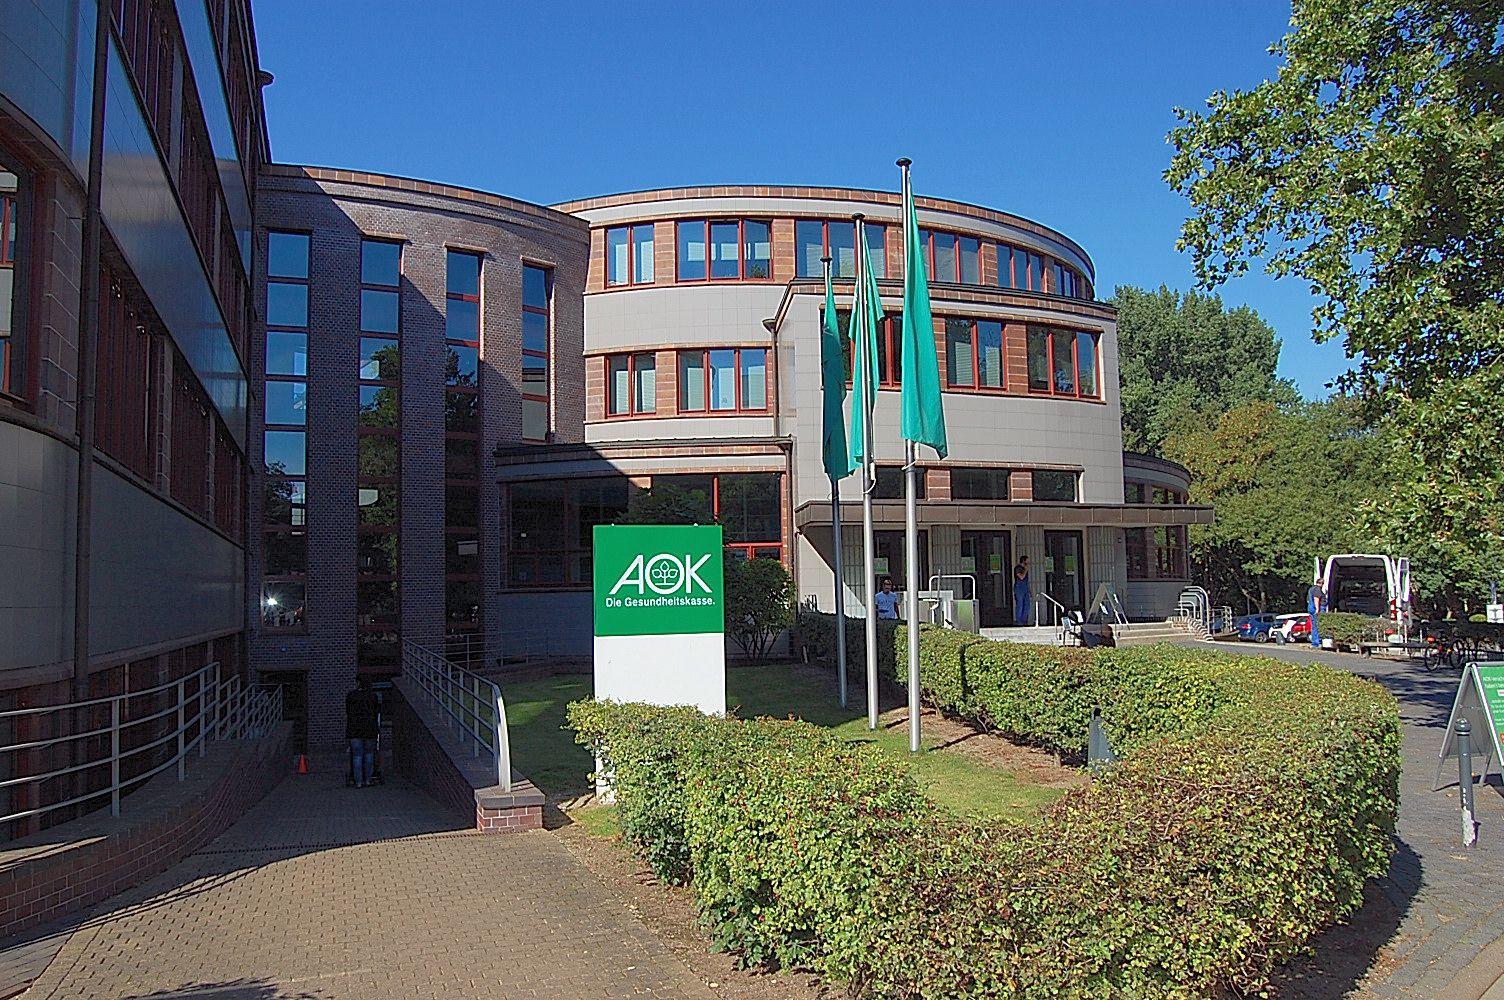 Aok Sachsen-Anhalt Adresse